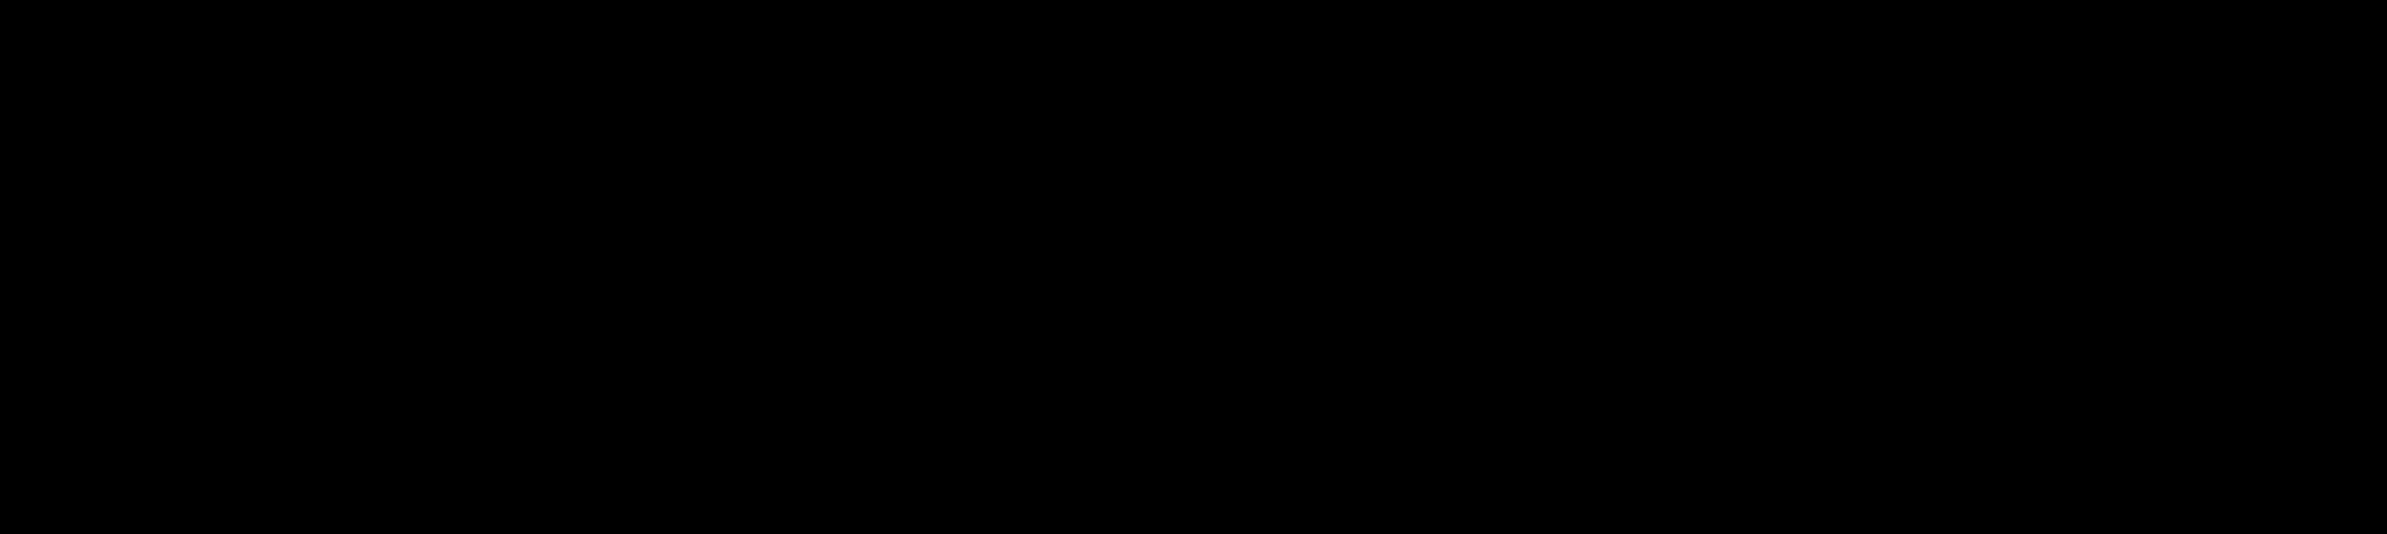 Logo di Klarna